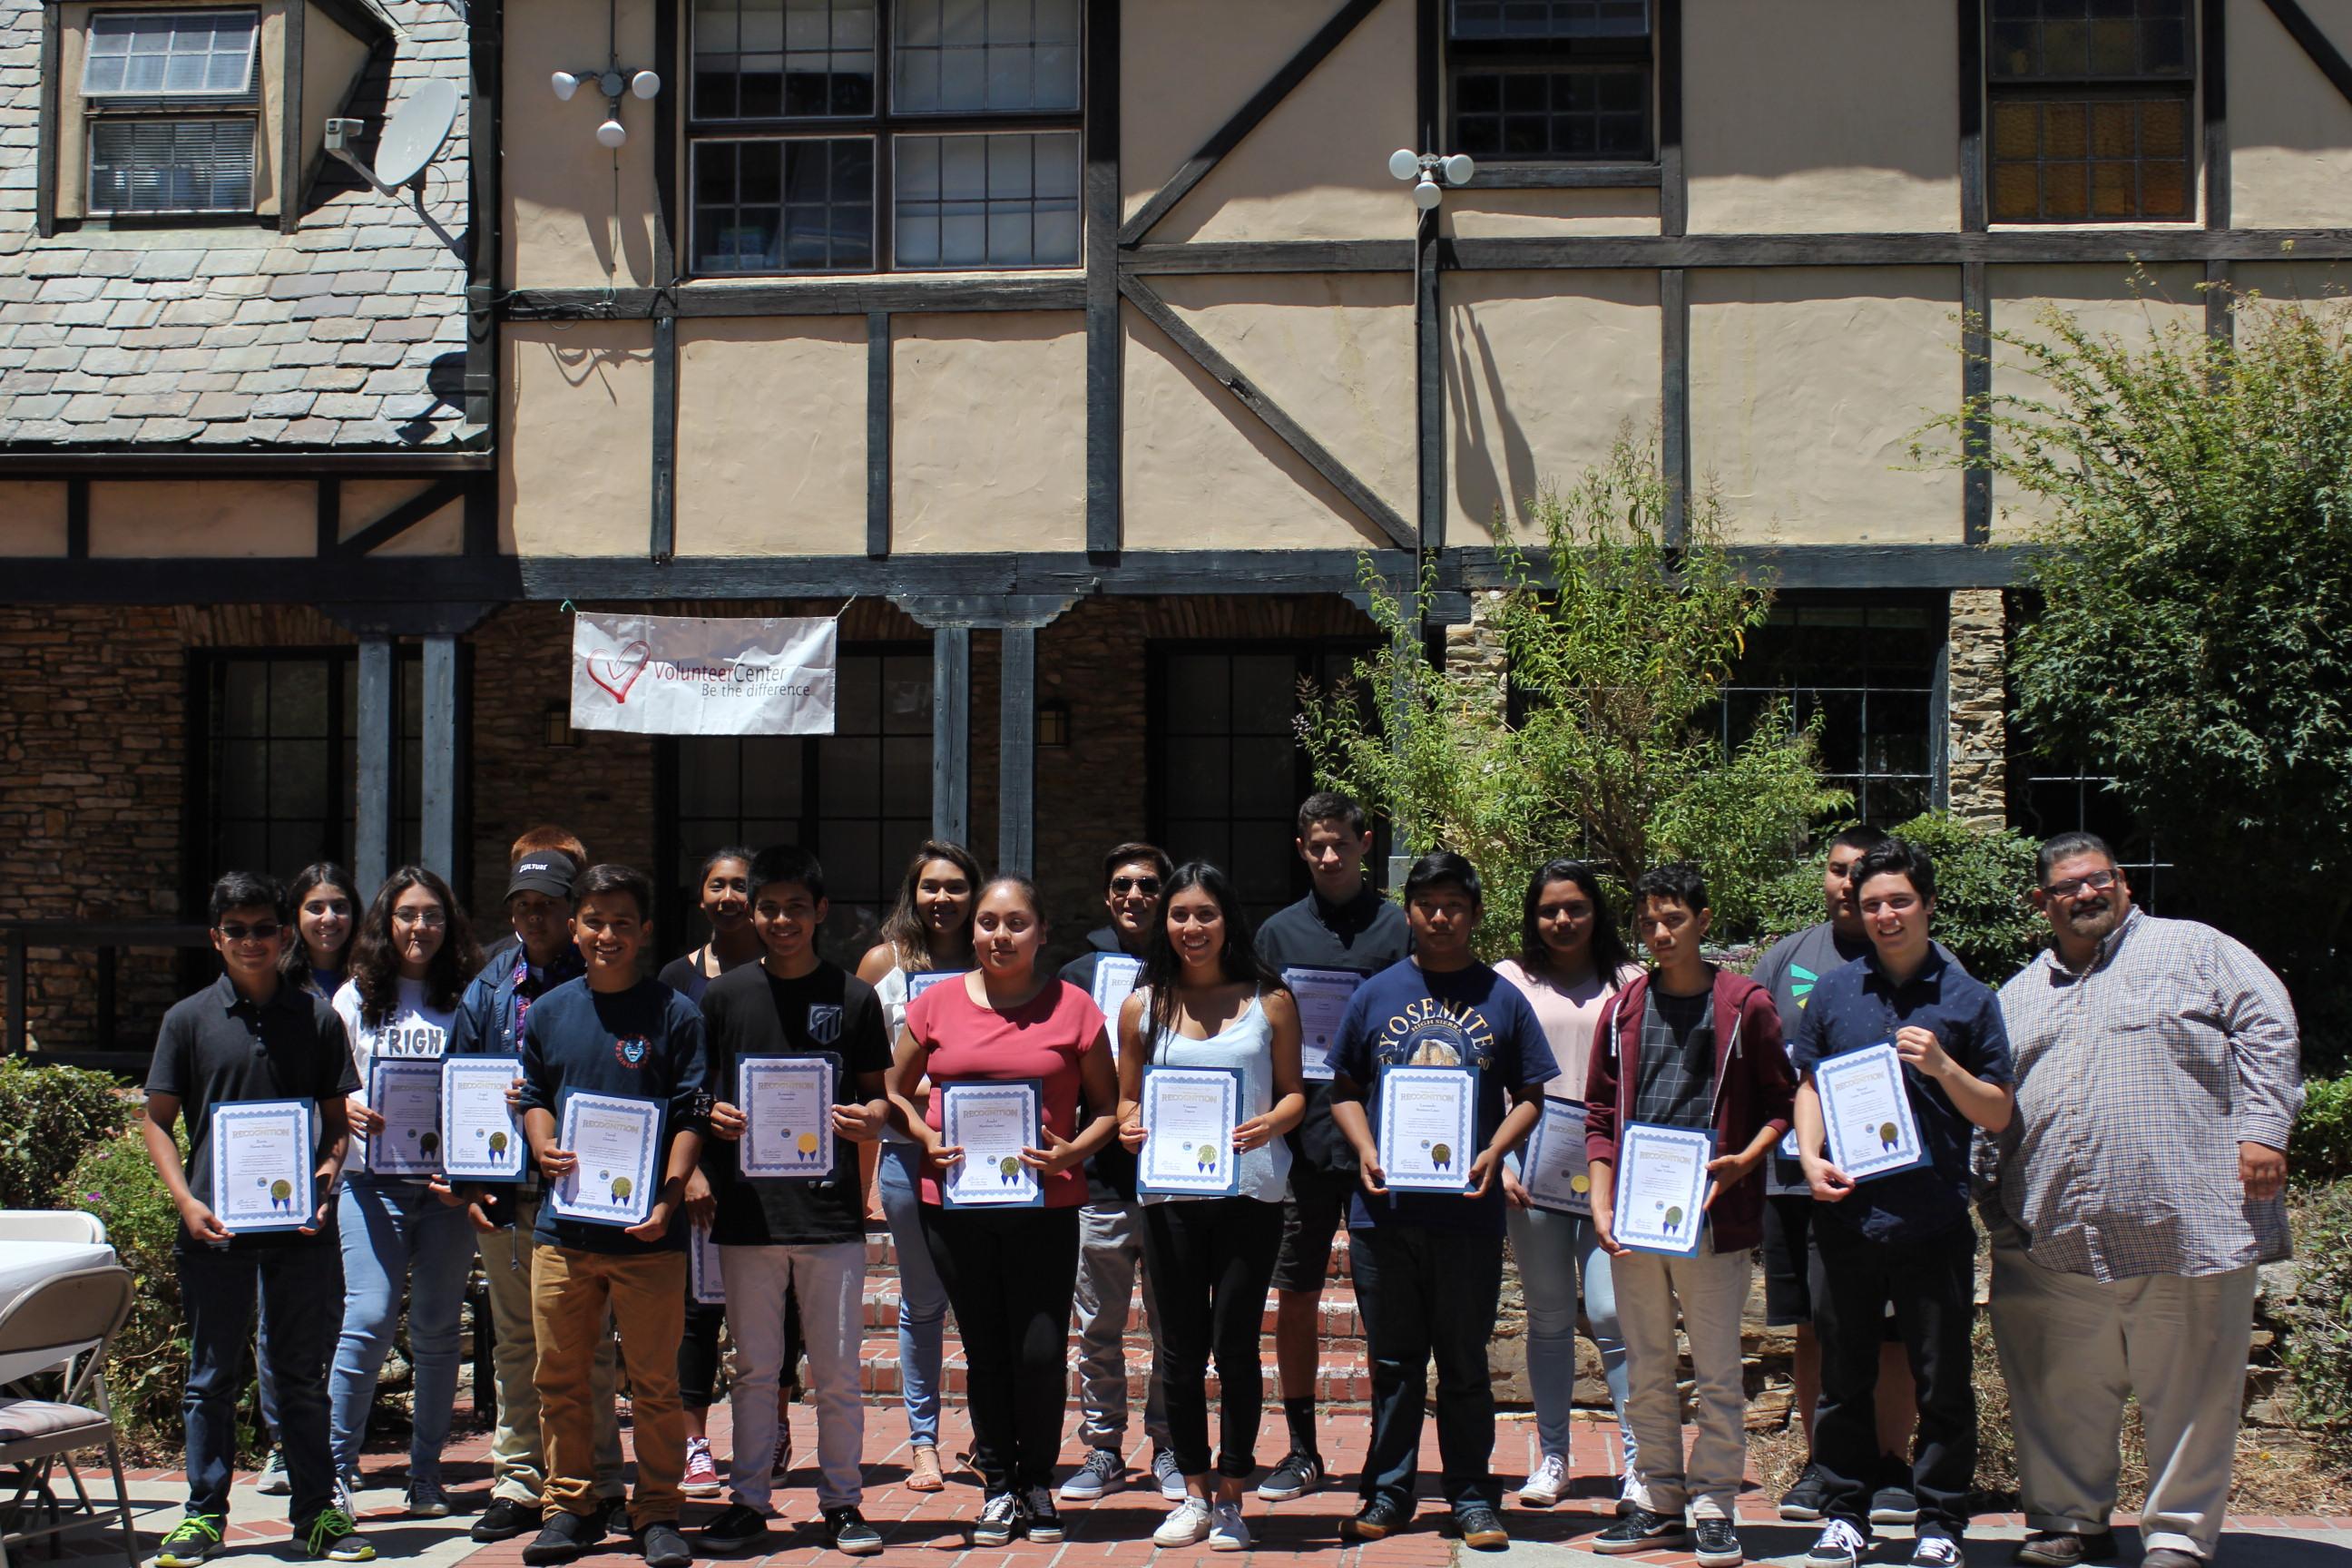 YouthSERVE volunteers